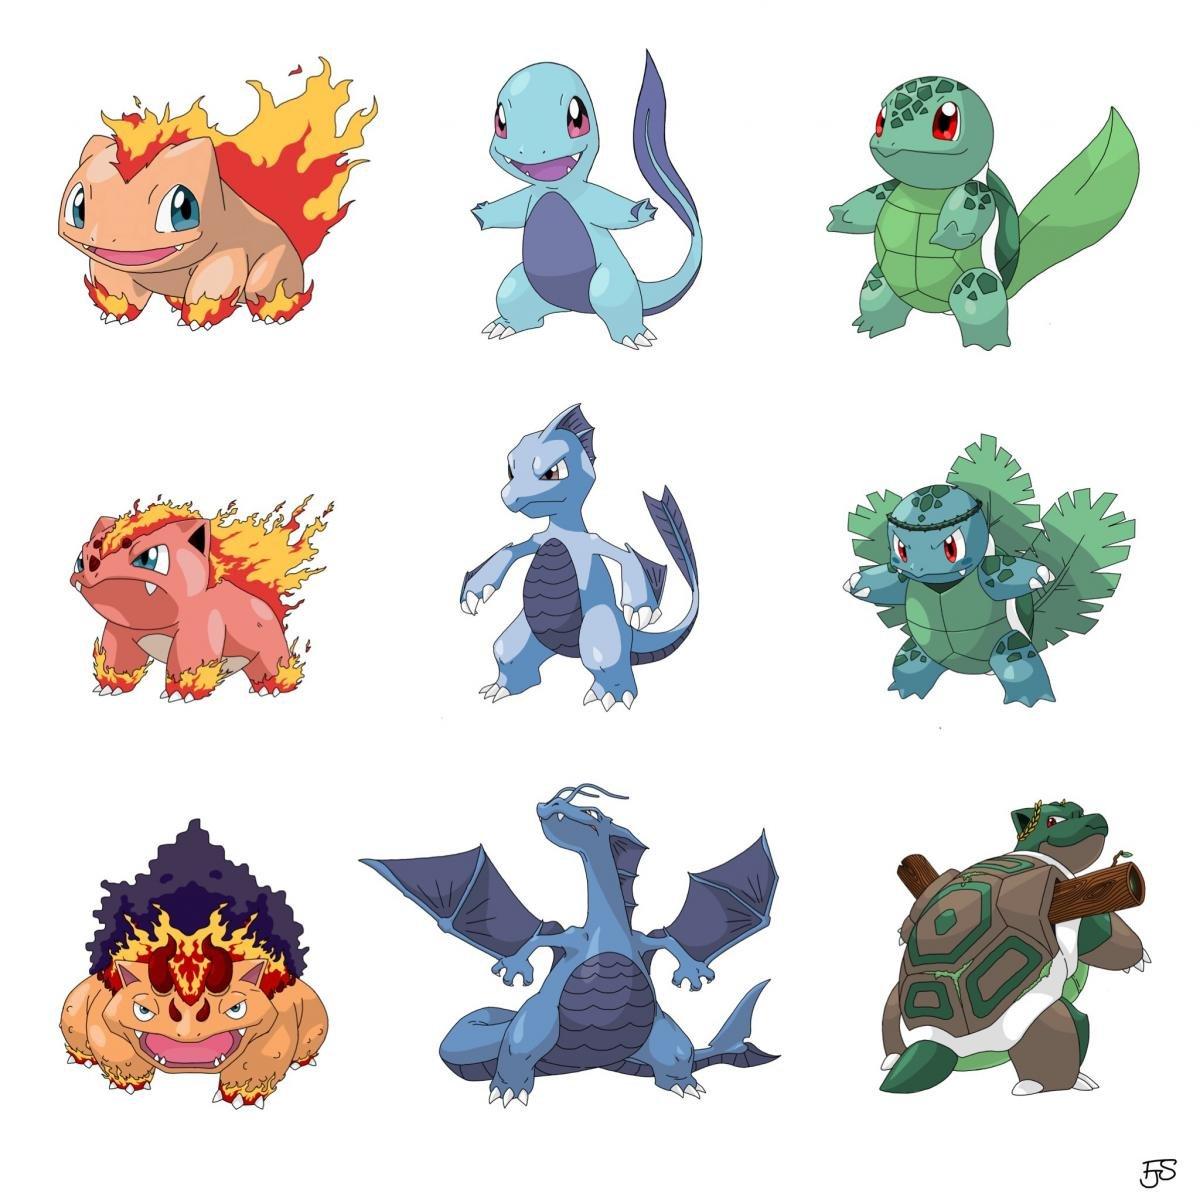 Pok mon un artista ha cambiado el tipo de todos los - Pokemon perle evolution ...